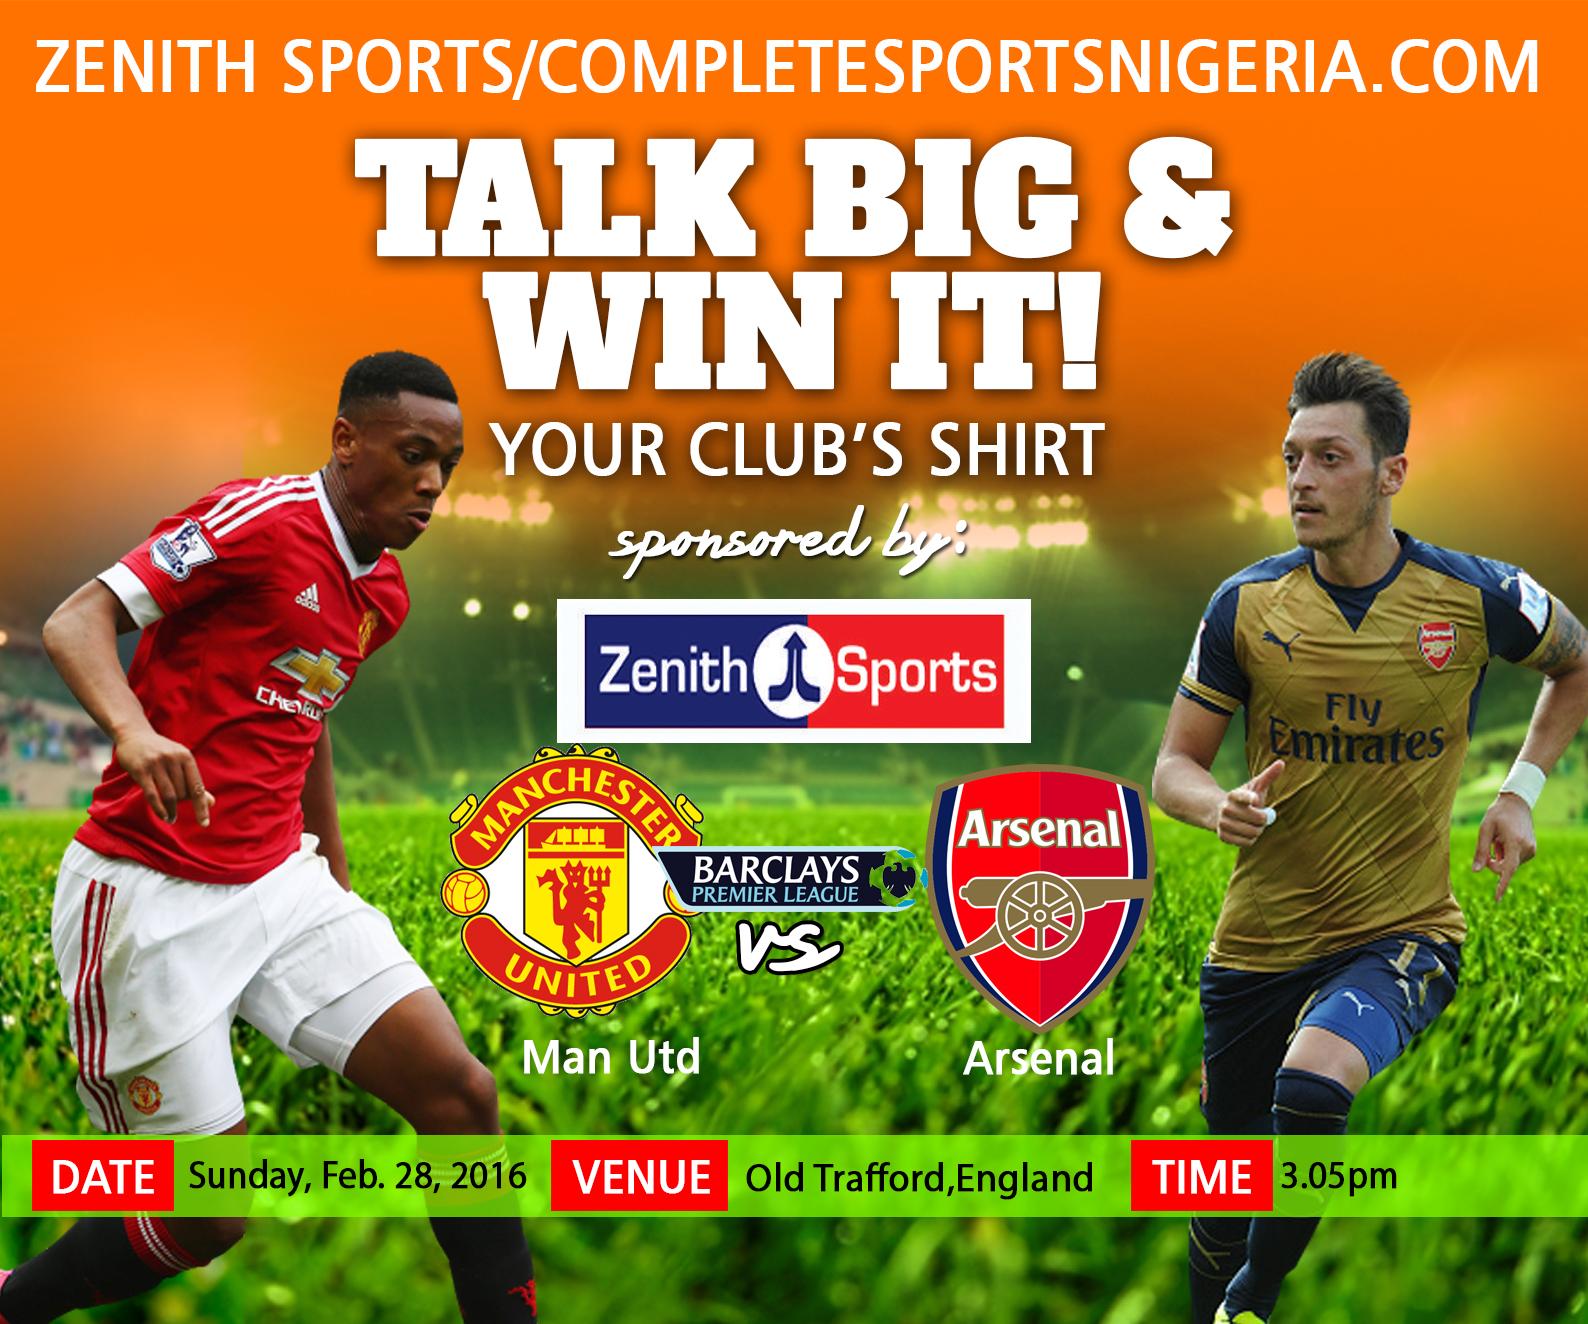 The Winners: Manchester United Vs Arsenal, Talk Big & Win It!